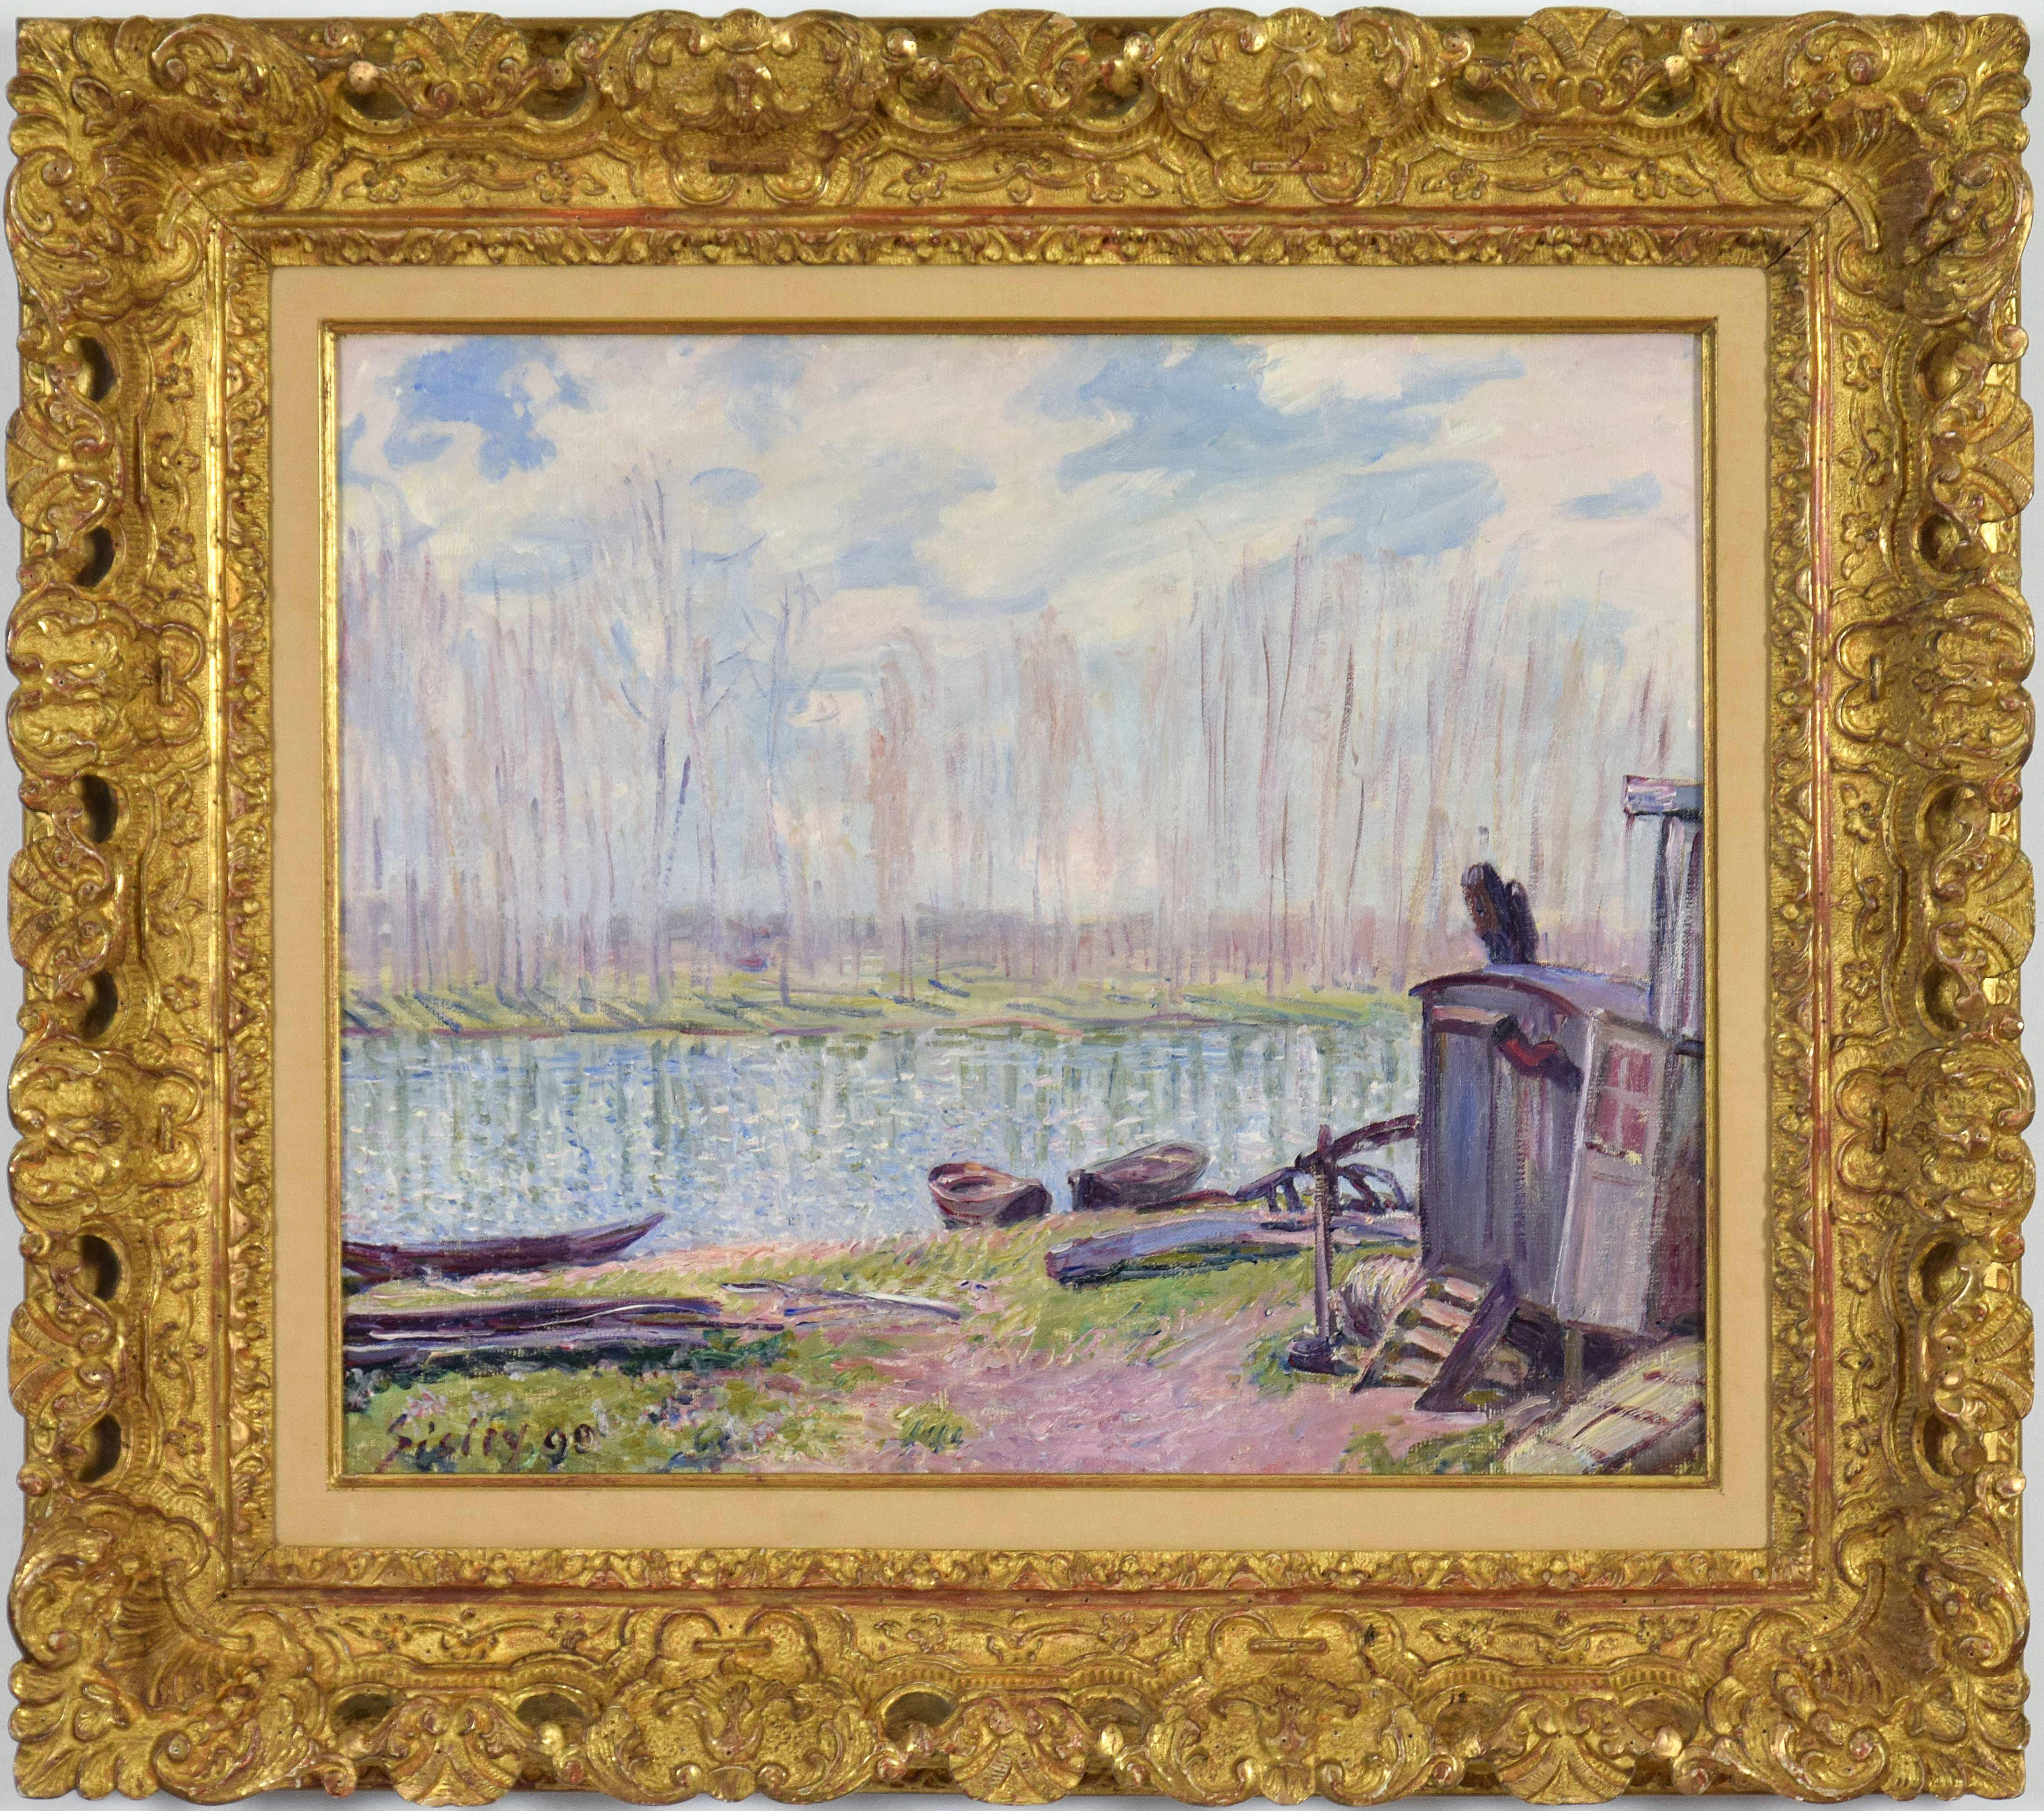 Bords du Loing, ALFRED SISLEY - Oil, Impressionist, Landscape, River